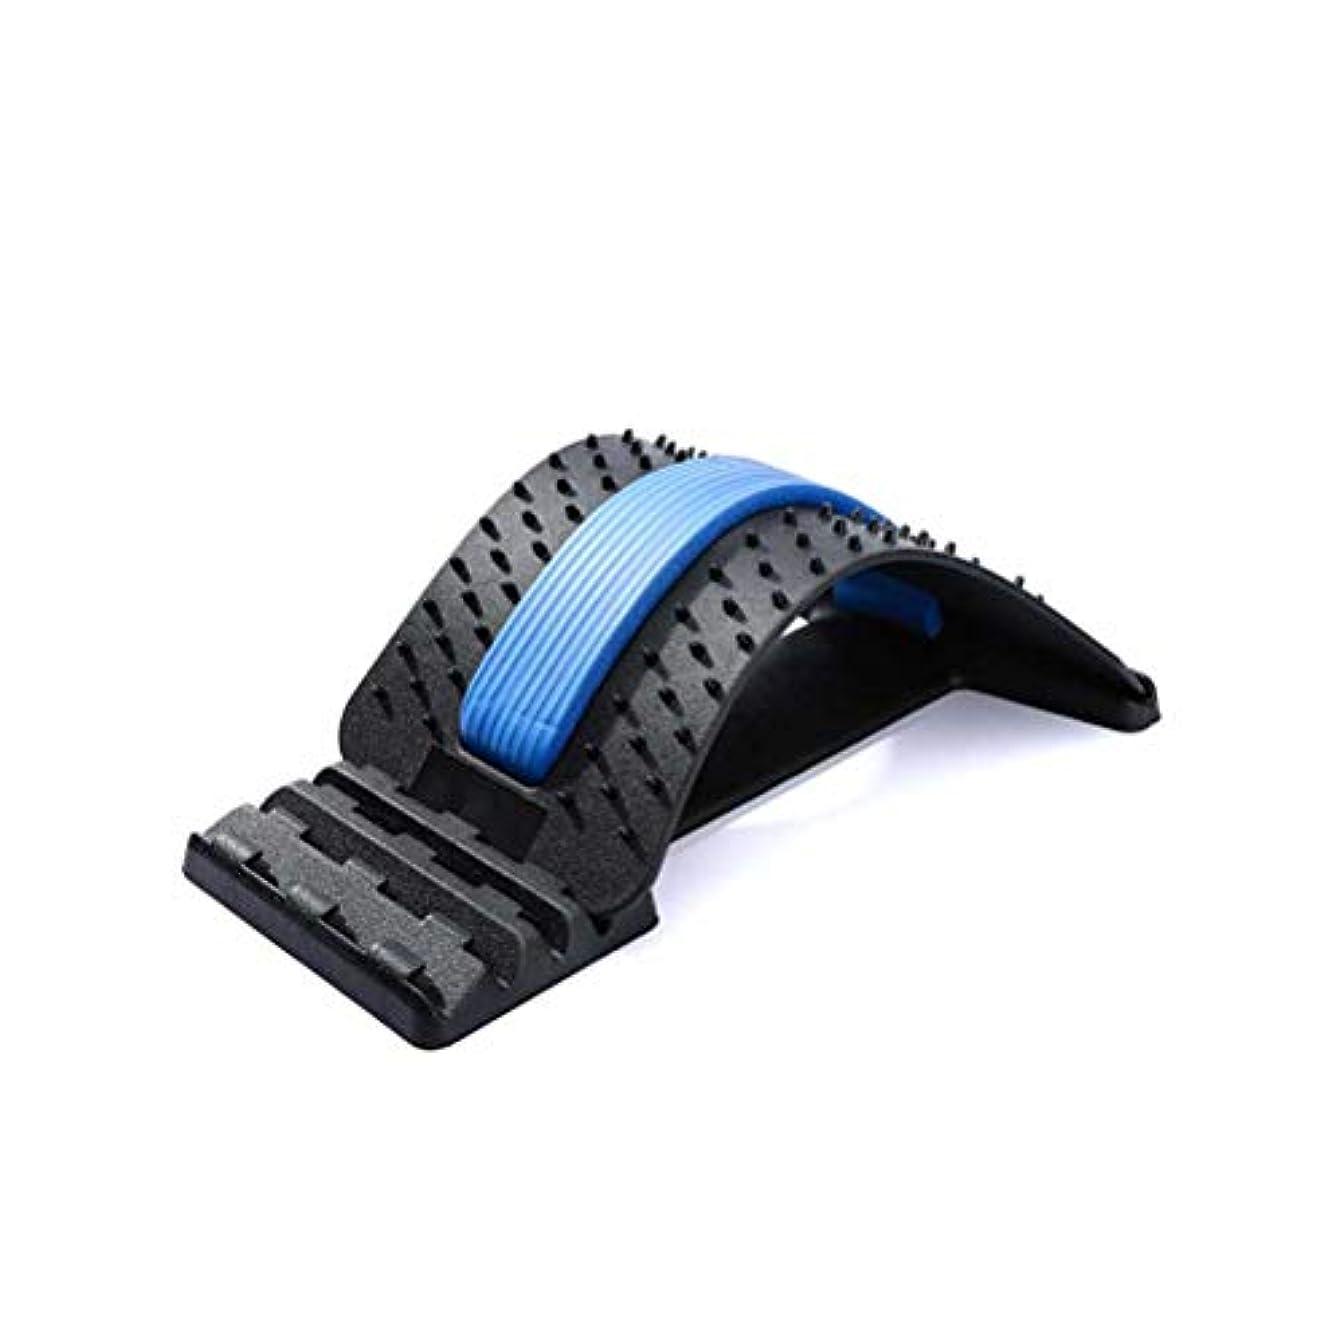 付ける報酬頬SUPVOXバックストレッチングデバイスバックマッサージャーランバーサポートストレッチャー脊椎の背中の痛み筋肉痛の緩和用オフィスチェア(ブラックブルー)